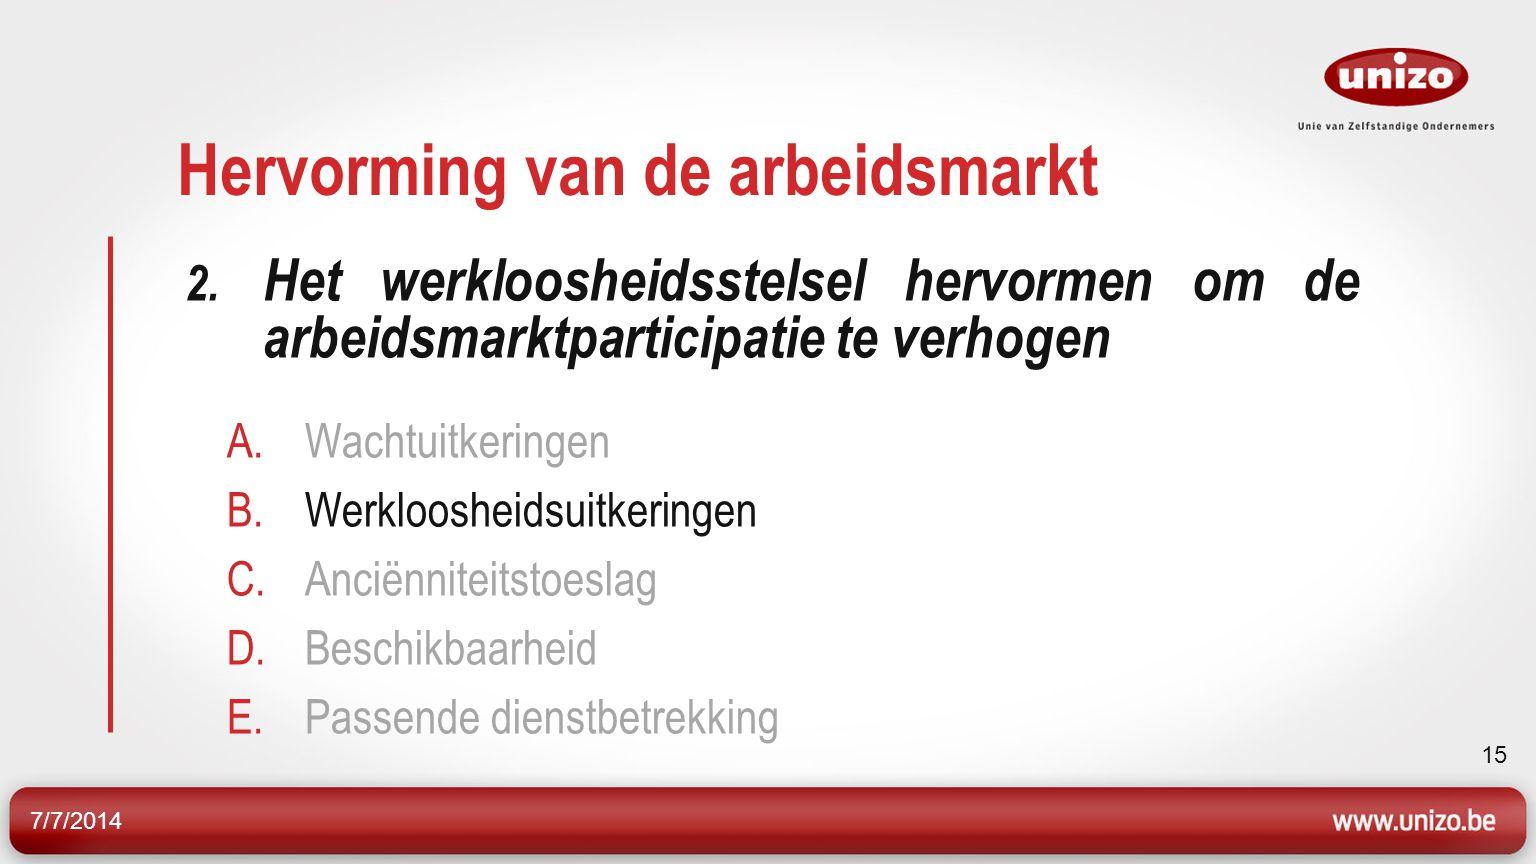 7/7/2014 16 Hervorming van de arbeidsmarkt Werkloosheidsuitkeringen Versterkte degressiviteit Versterking van het verzekeringskarakter